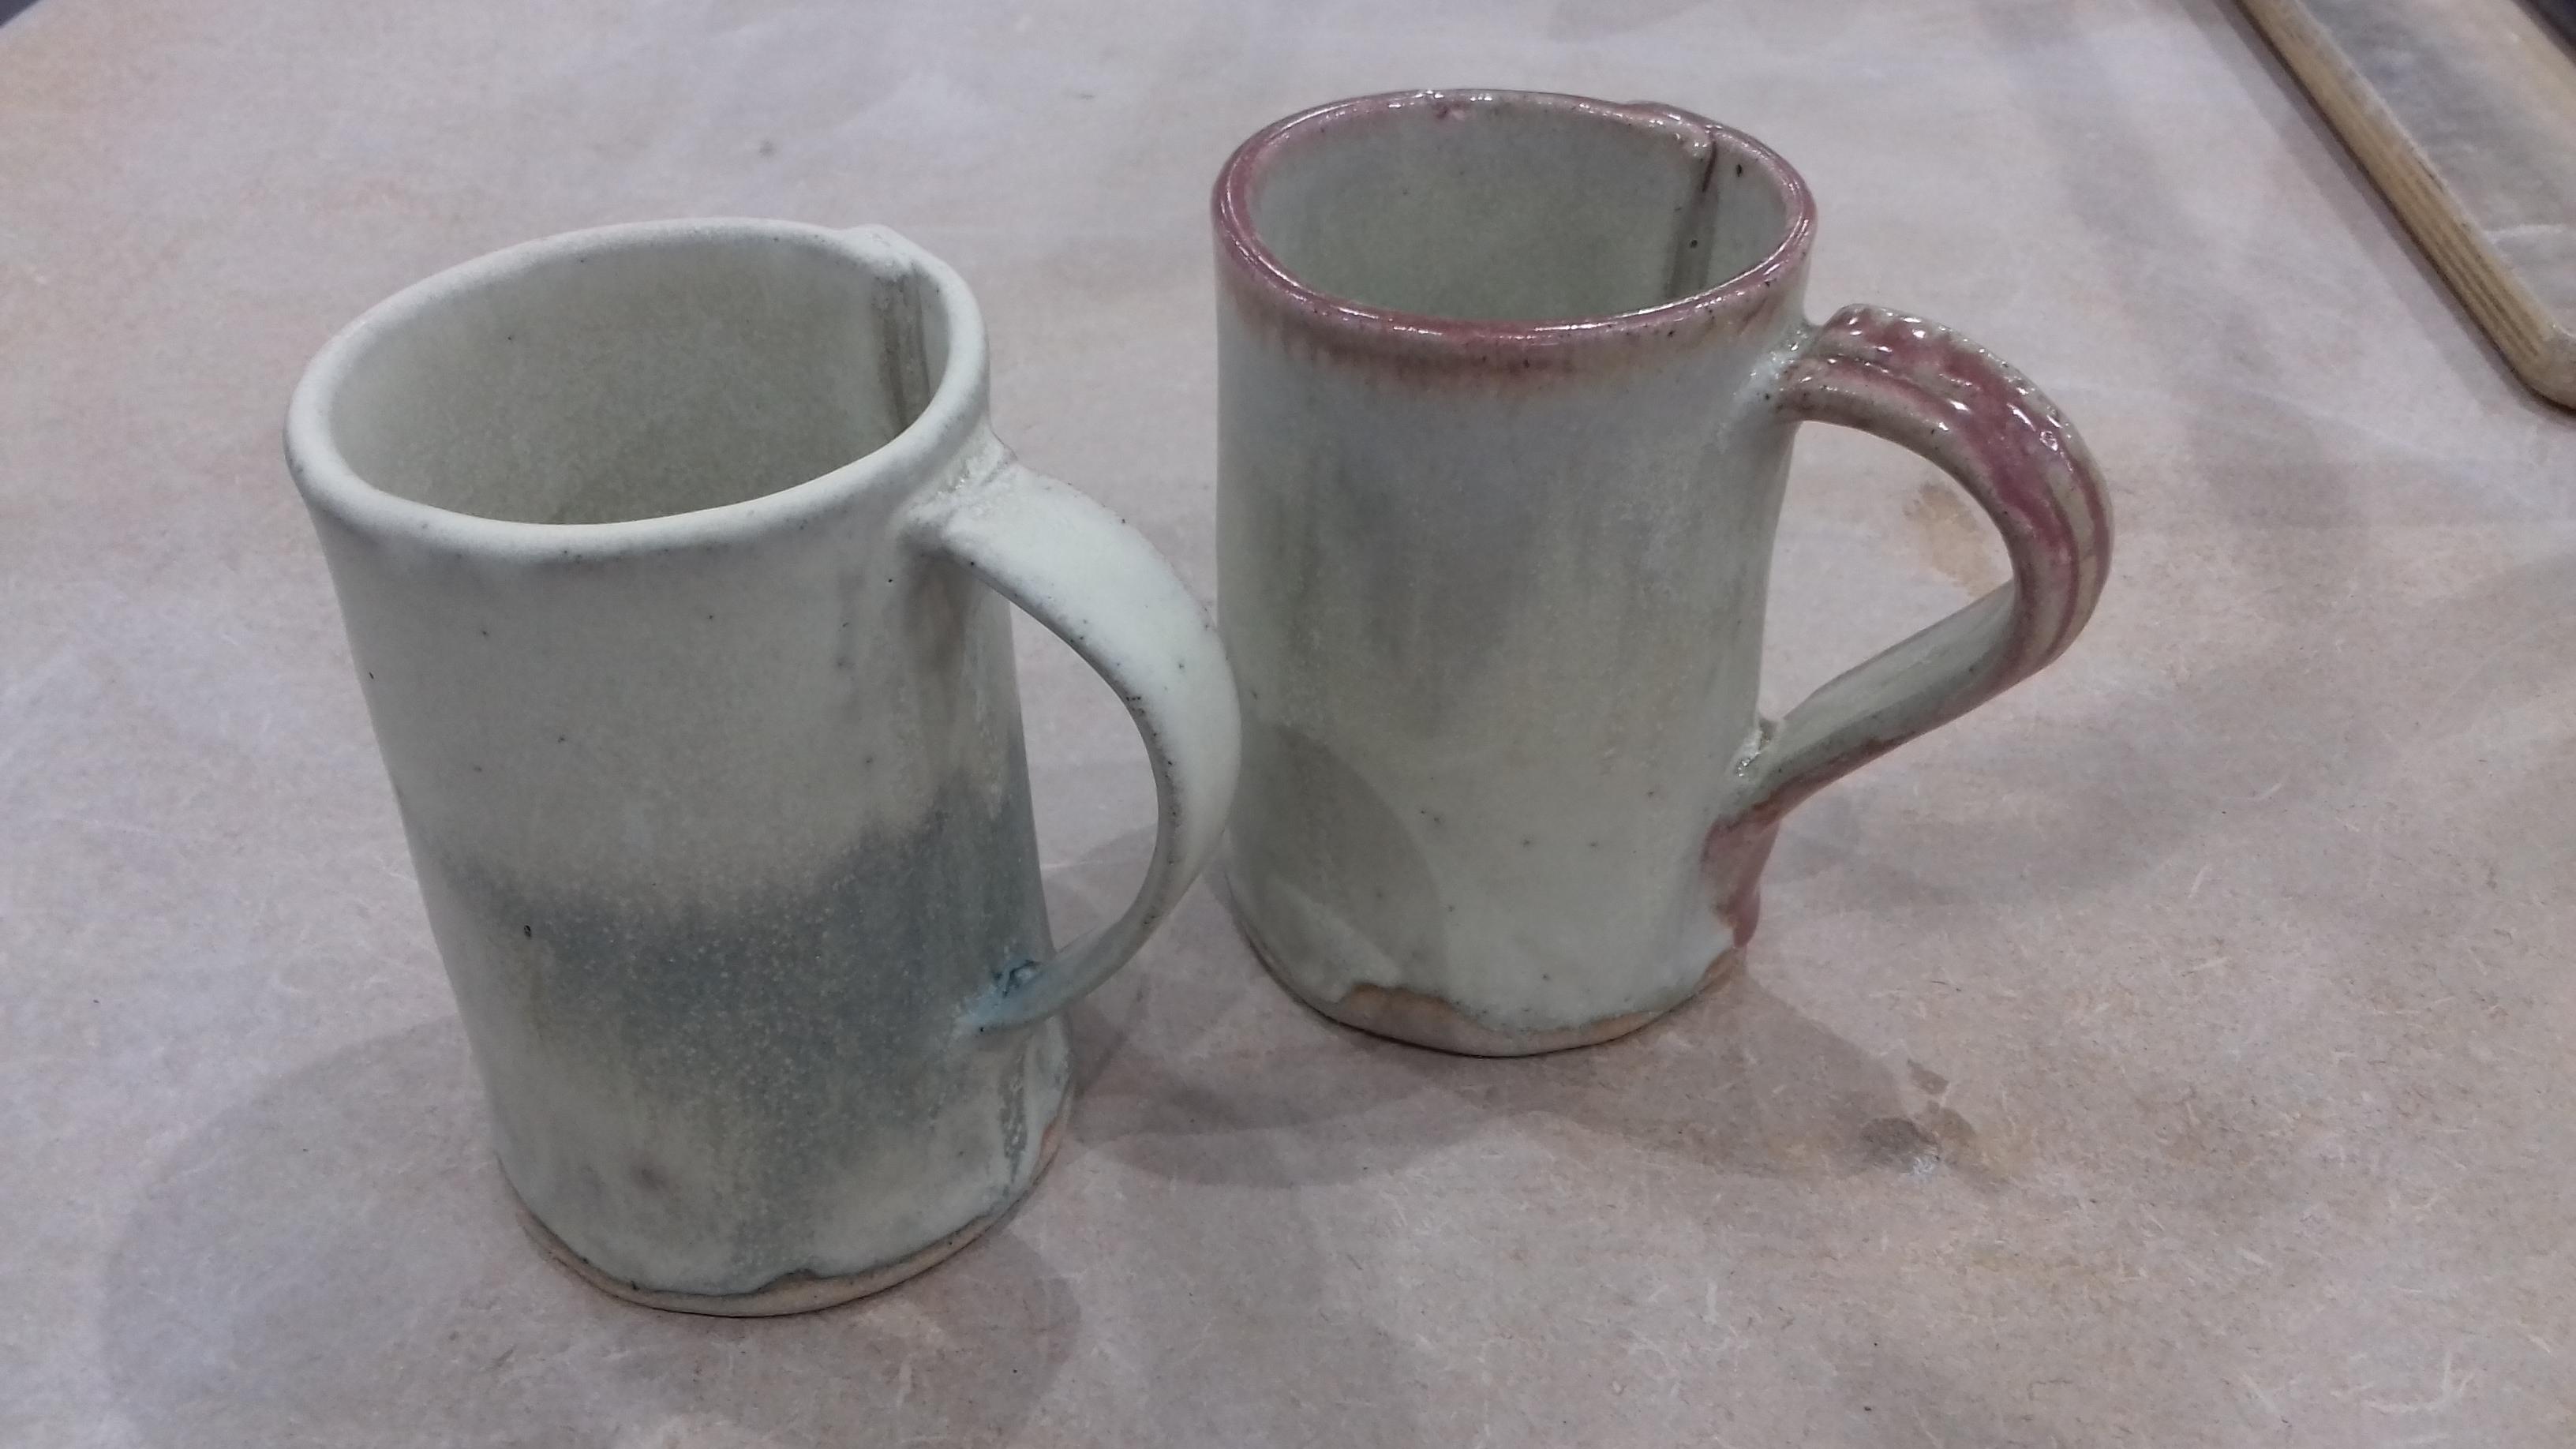 Slab built mugs